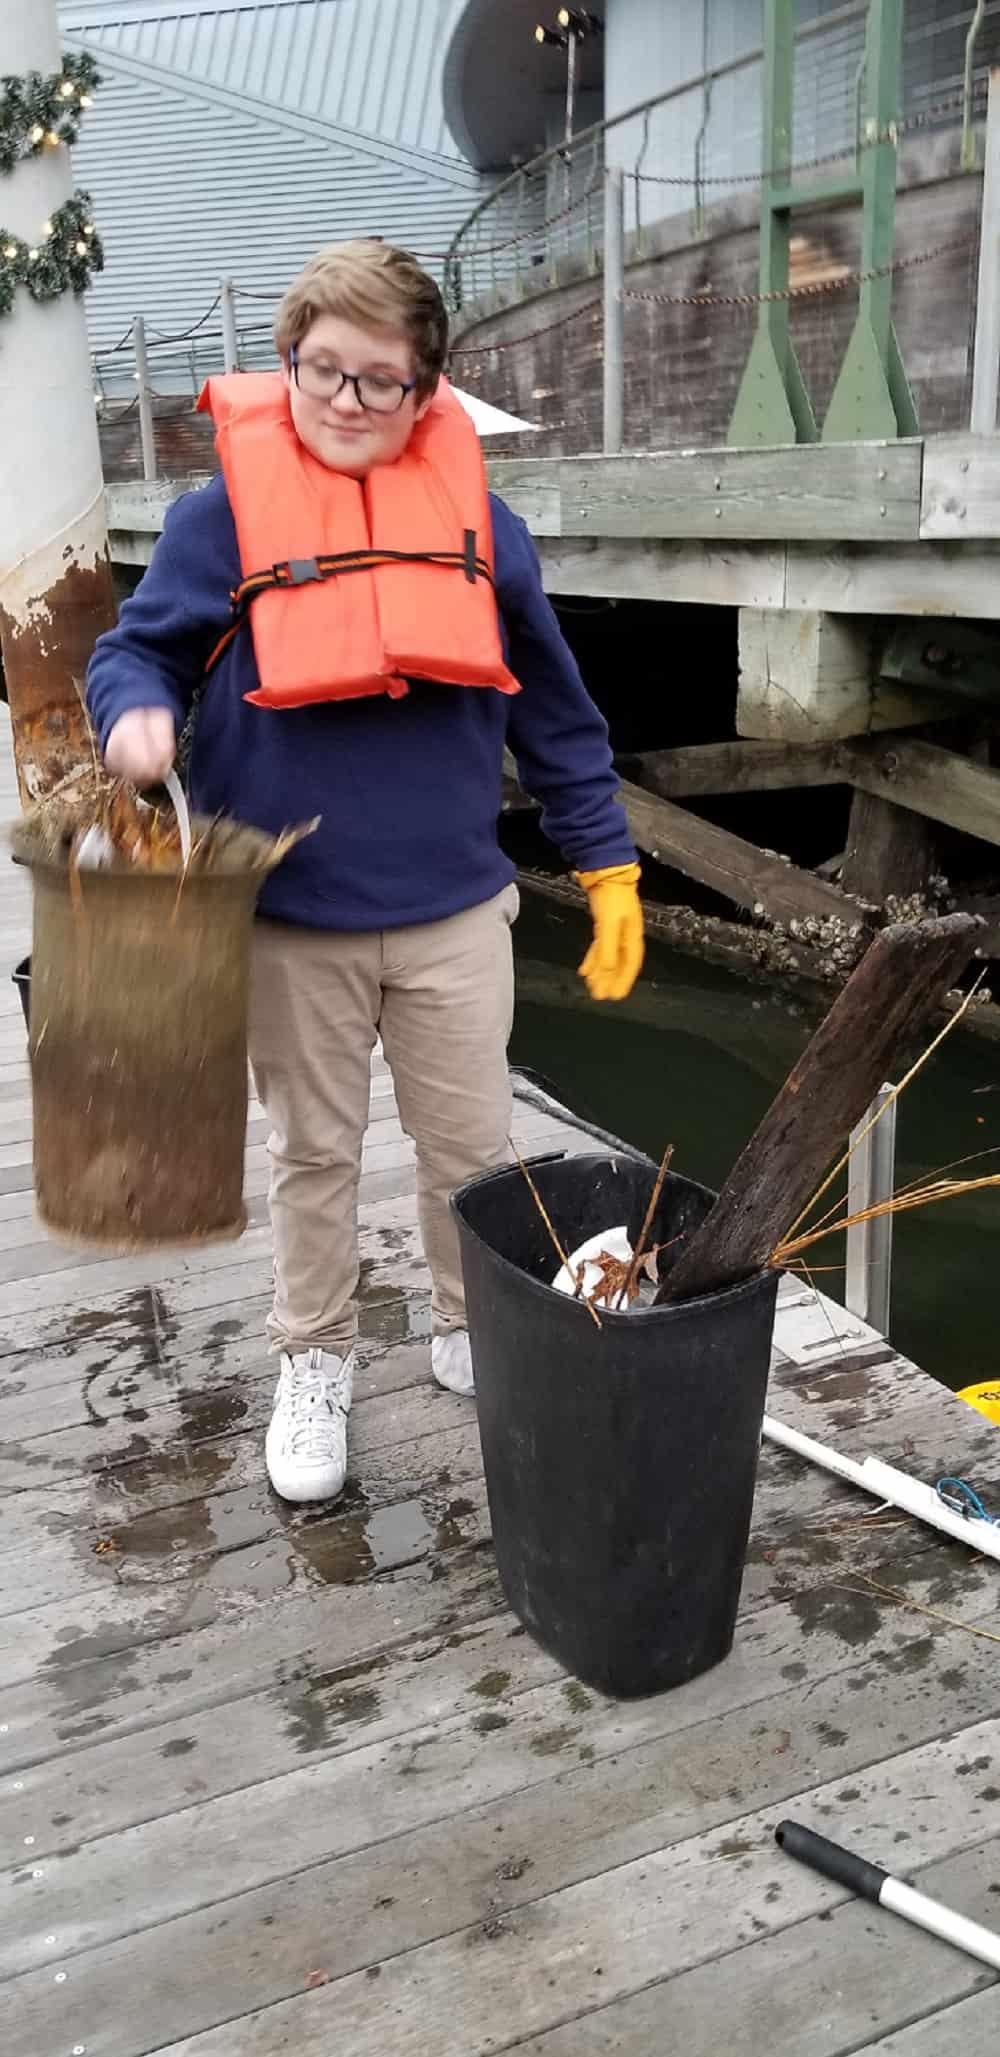 Nauticus Junior Scientists Club Alumni/Now Education Volunteer Dylan McNemar helps clean the Seabin. Photo: Nauticus.